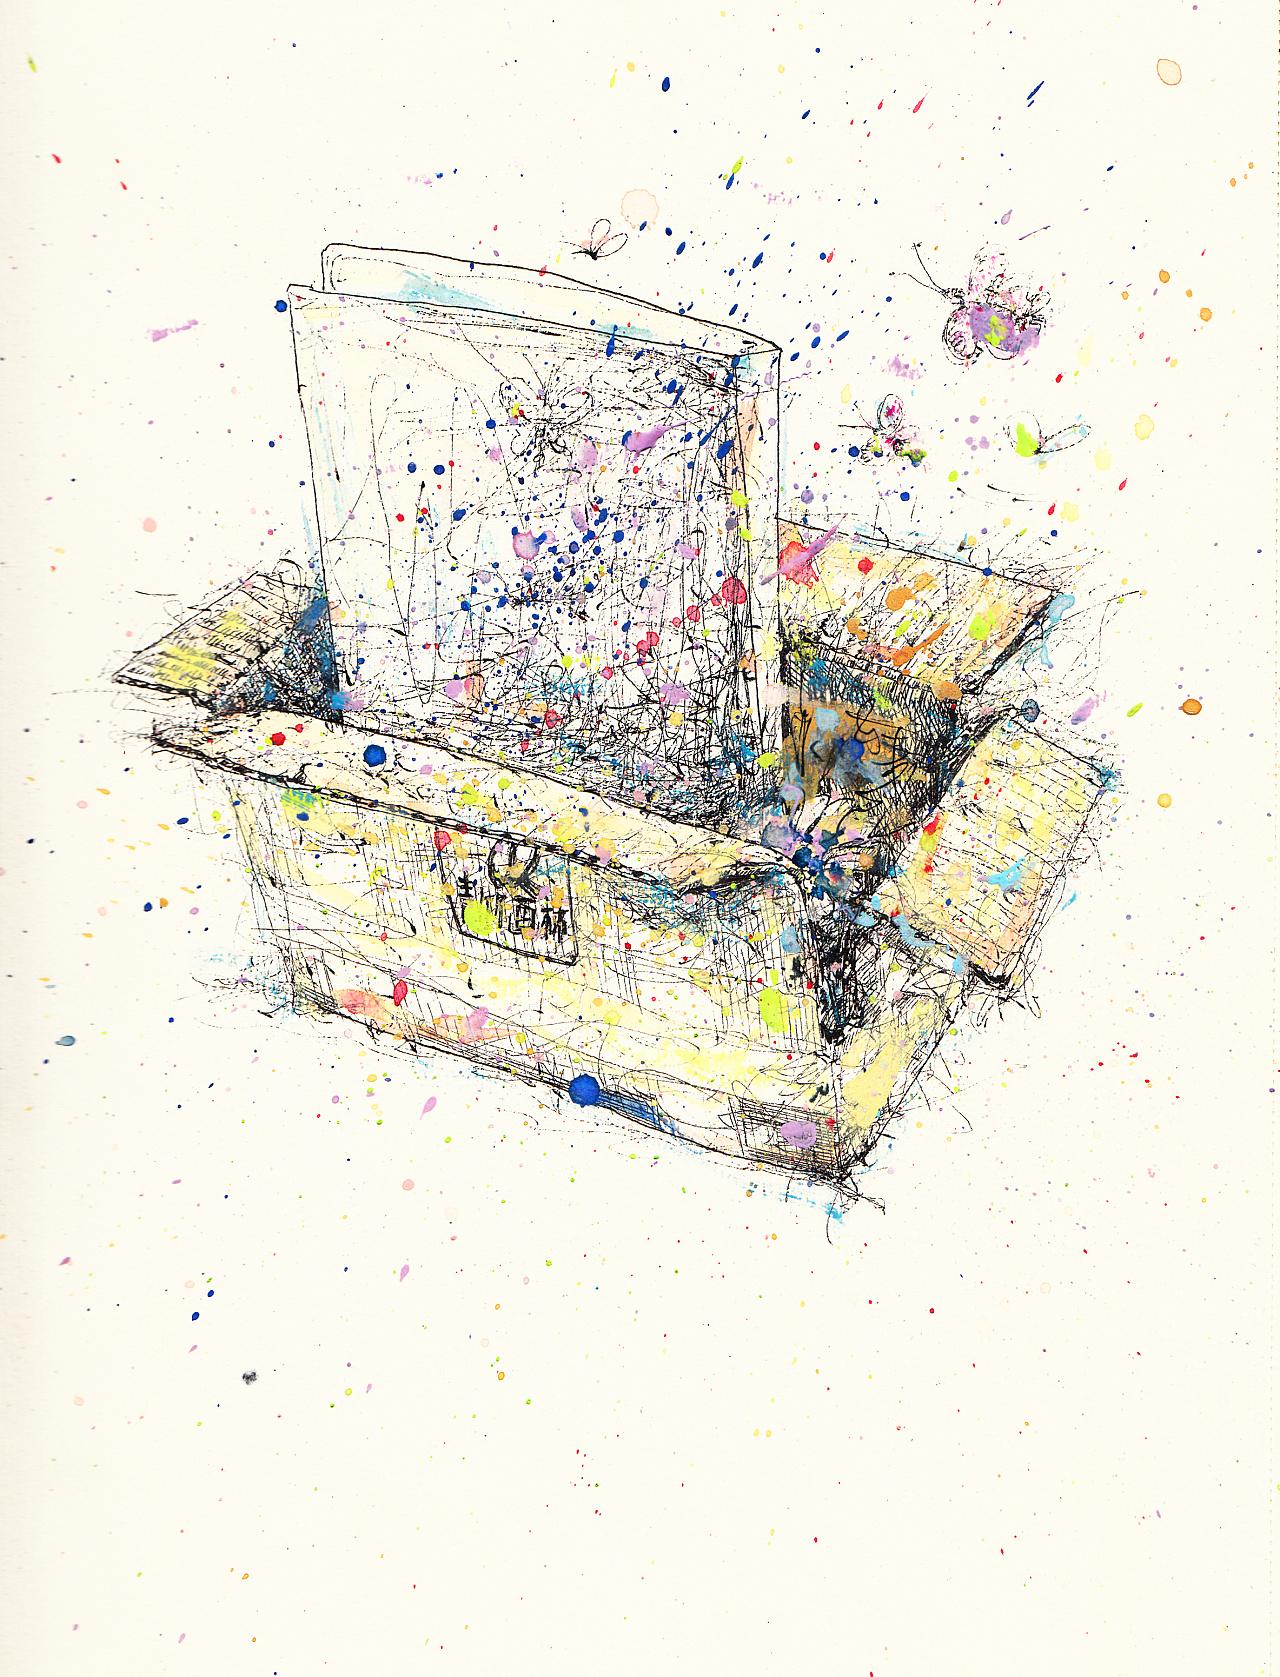 水粉淡彩画_ZD黑白插画-淡彩-速写成长日记|插画|插画作|ZDshouhui-原创作品